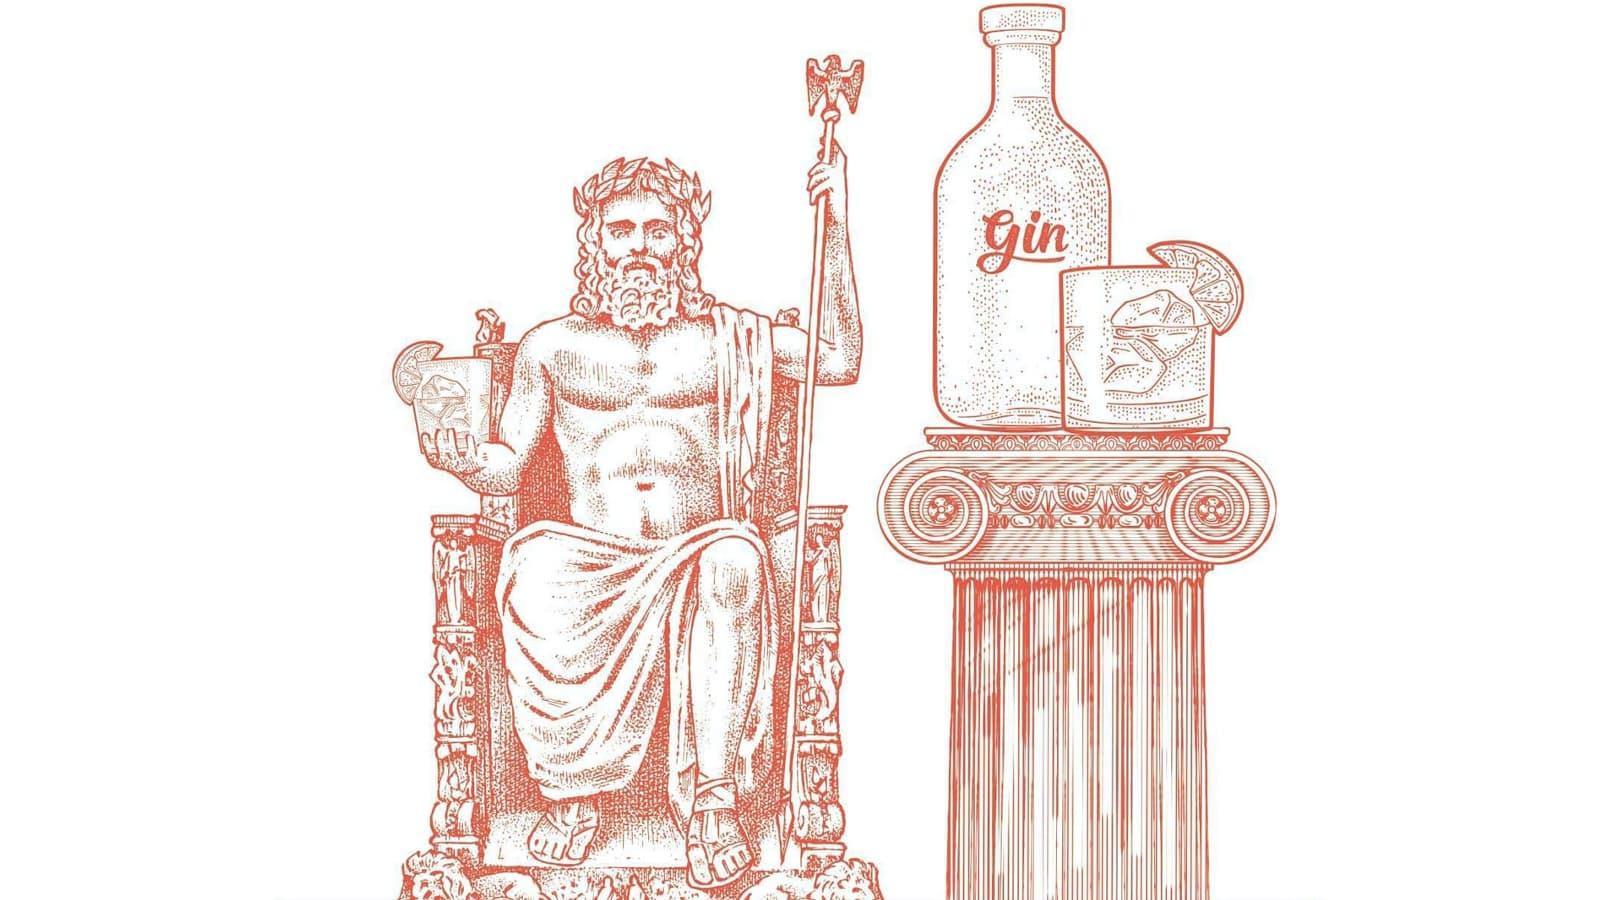 Die wahre geschichte des Gin & Tonic.